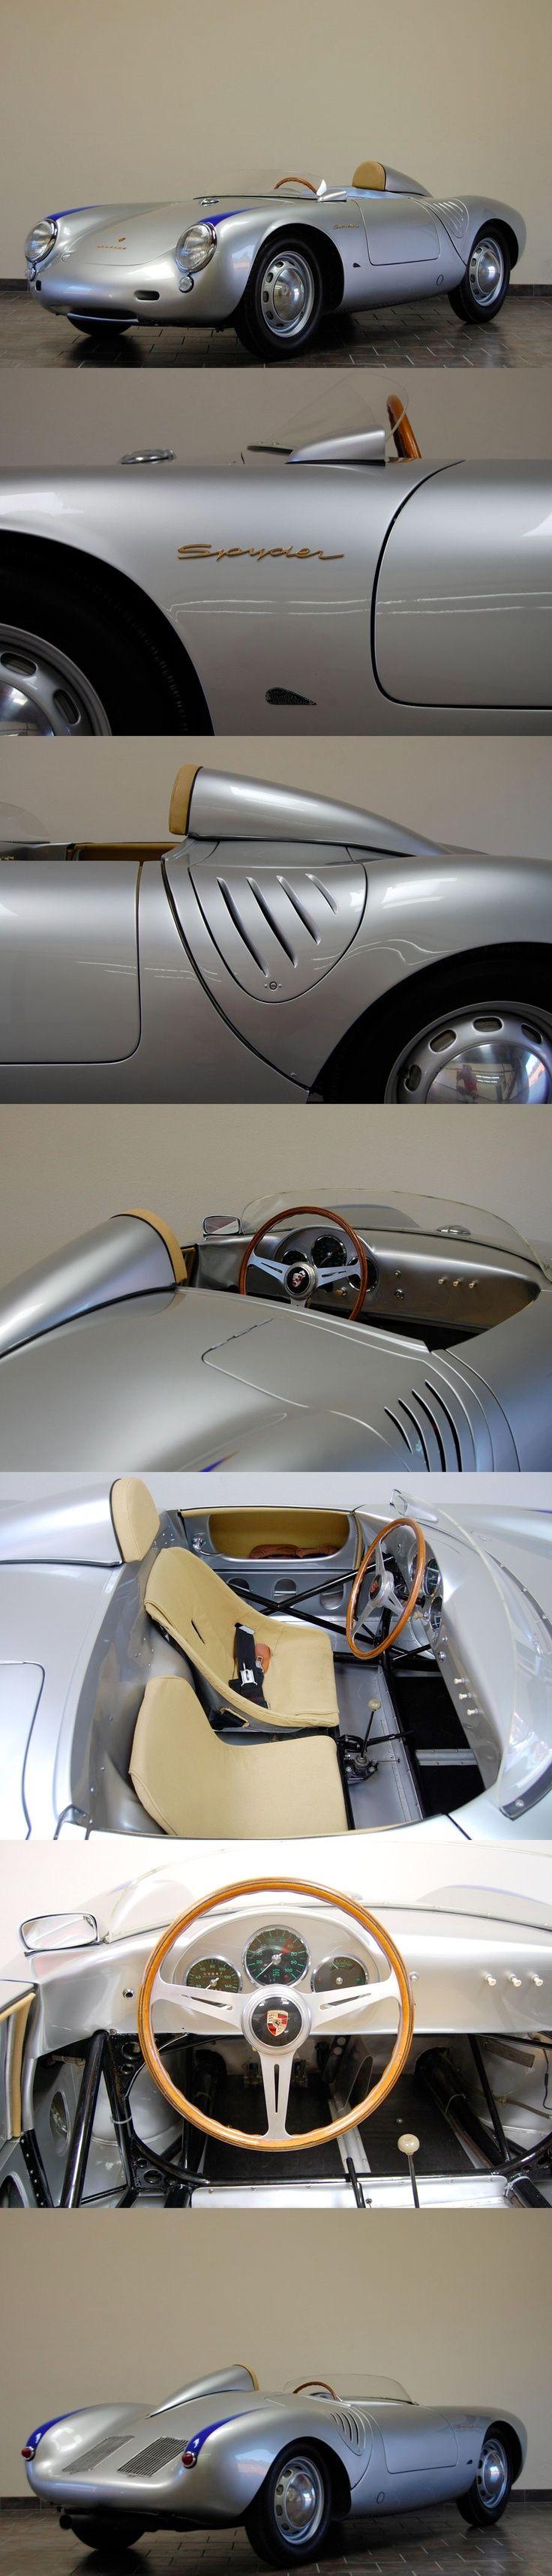 1957 Porsche RS 550A Spyder~